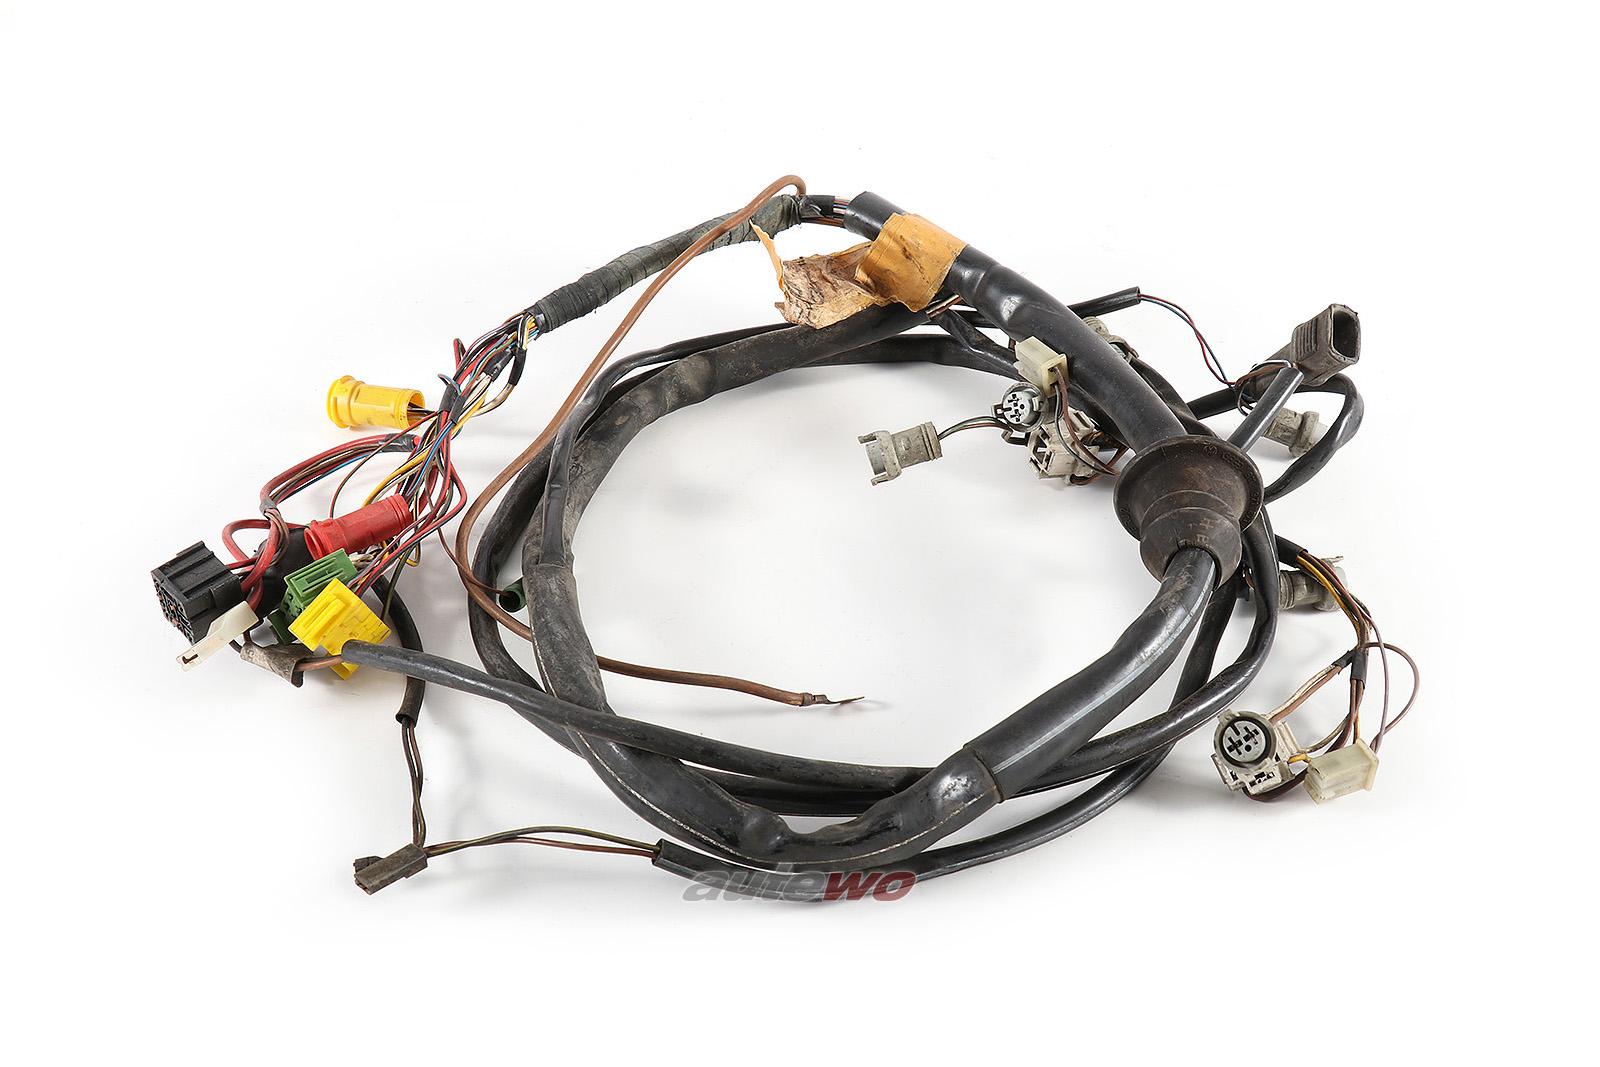 812971071Q Audi 80/90/Coupe Typ 81/85 5 Zylinder Kabelbaum Beleuchtung Vorne